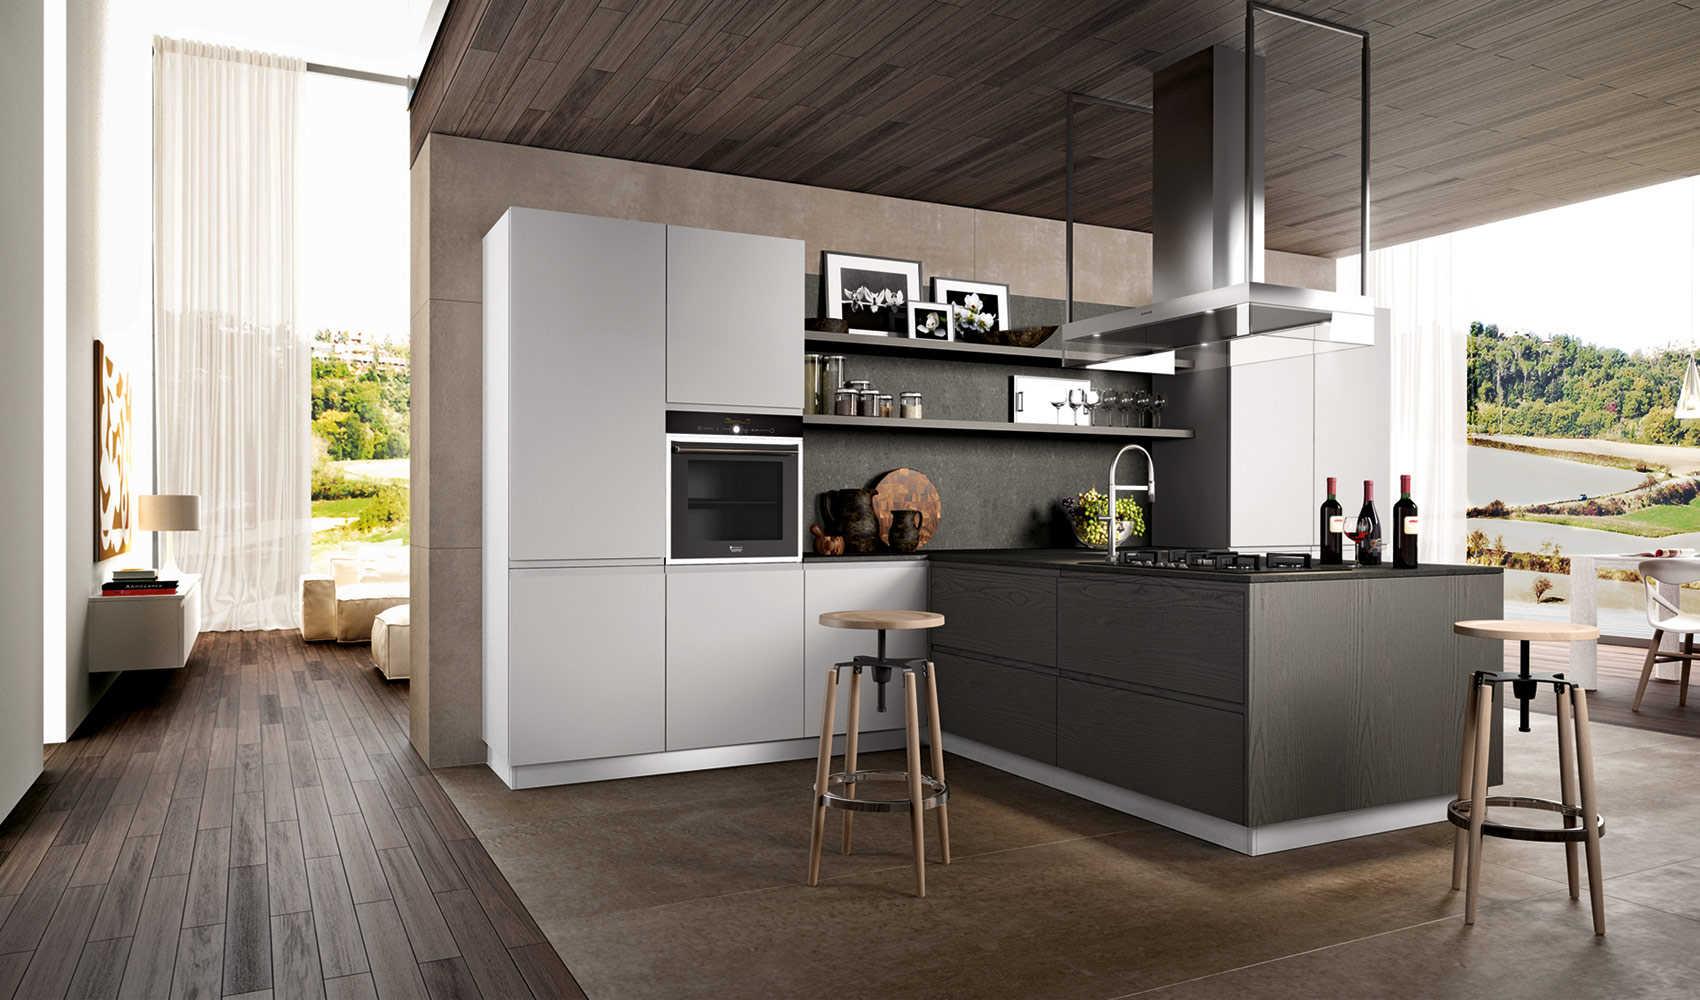 Pavimento cucina moderna jh25 regardsdefemmes - Pavimento per cucina ...